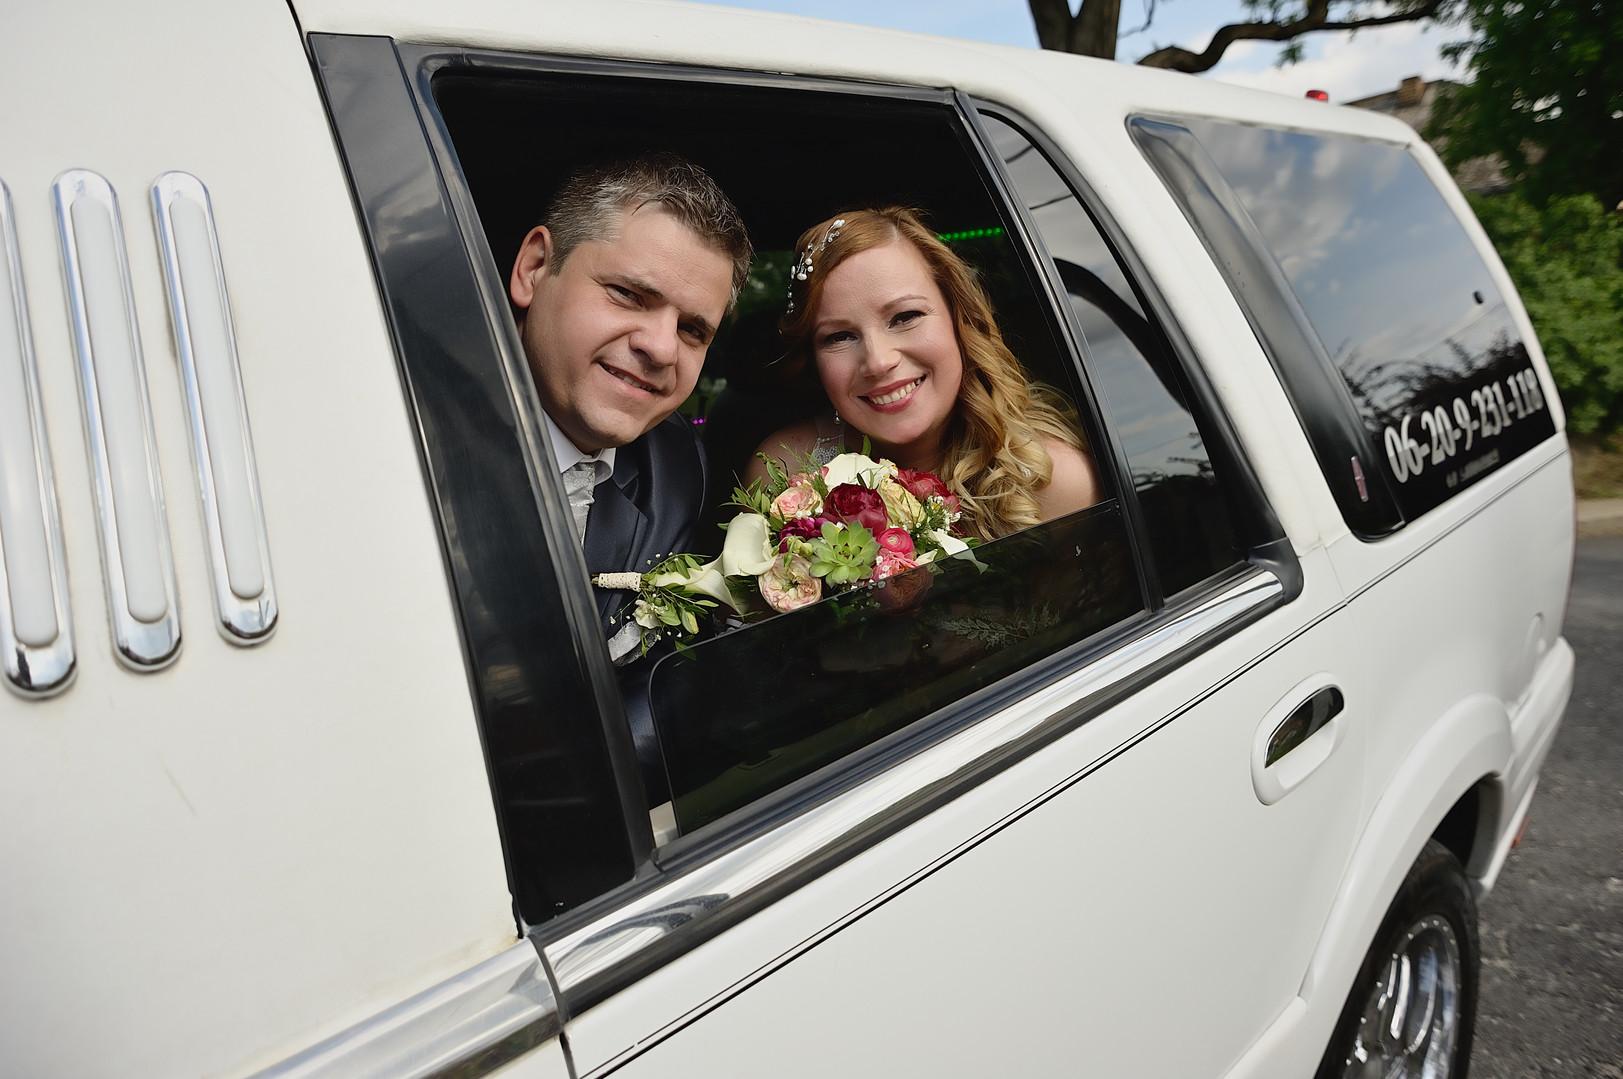 390  Esküvői fotózás - Enikő és Peti KRE